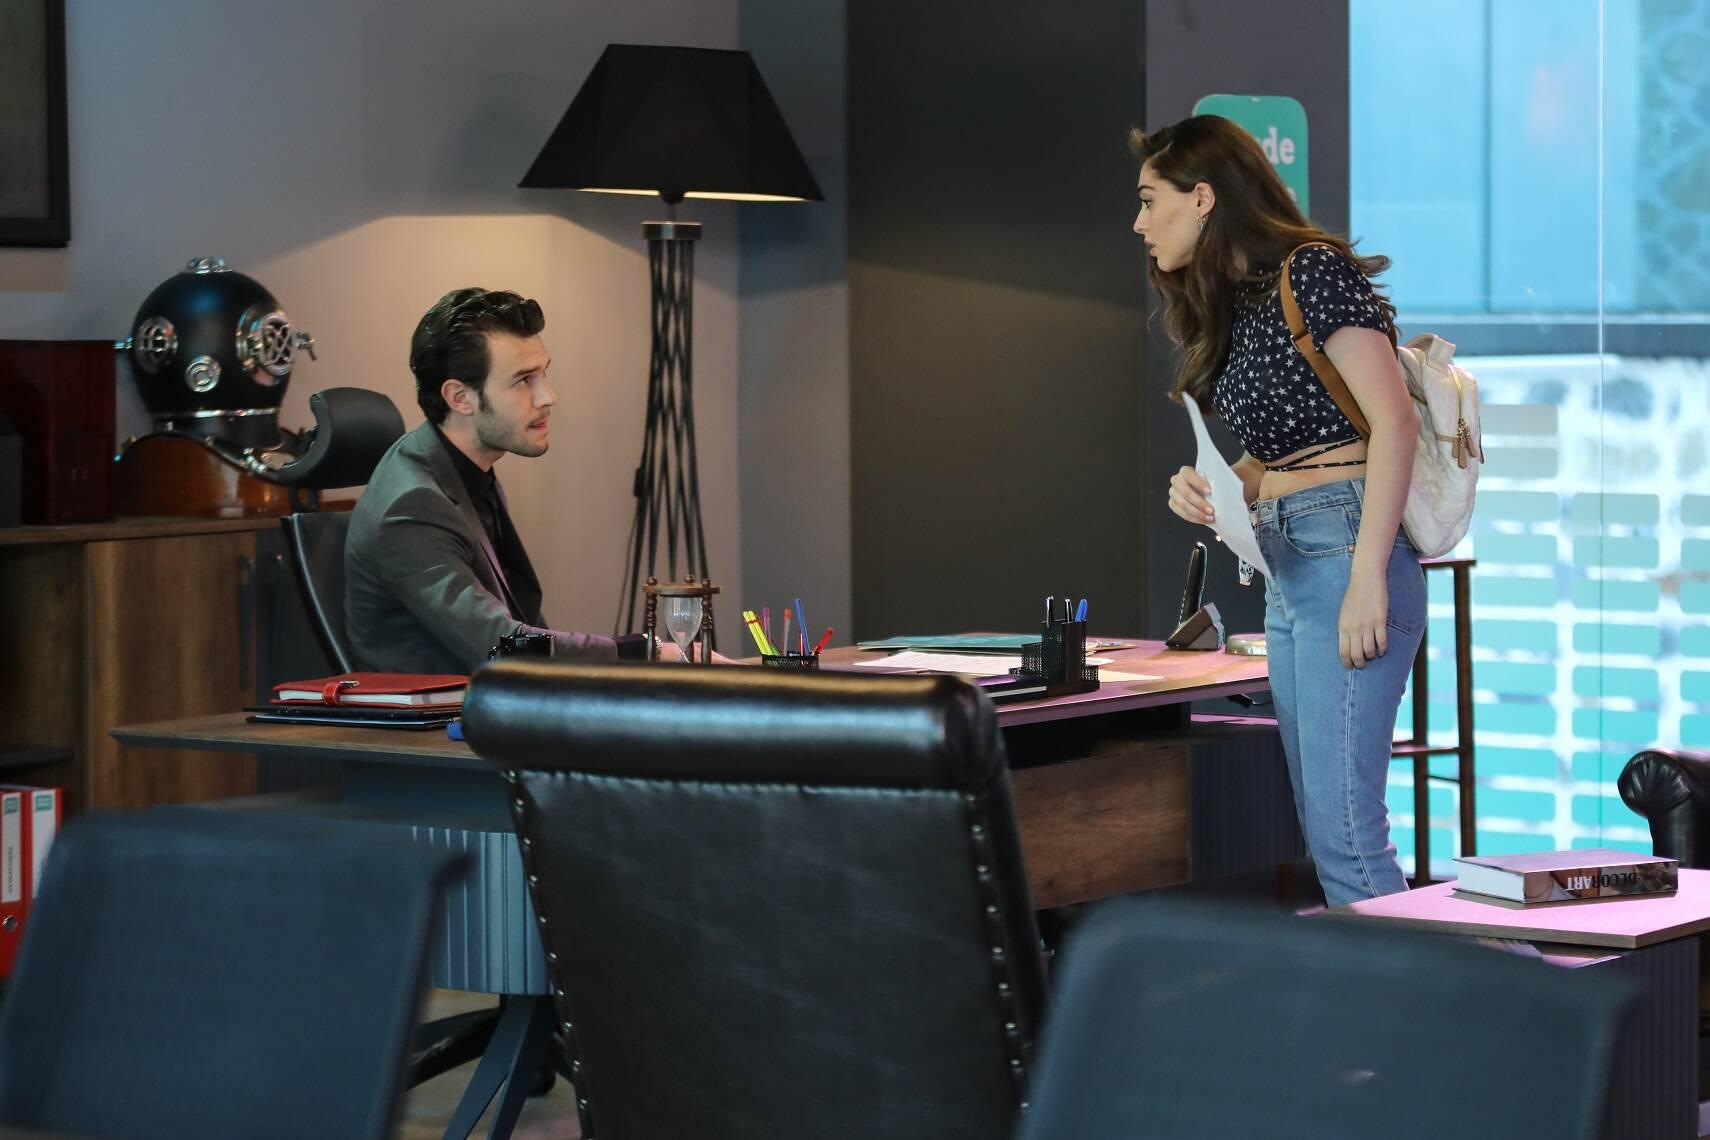 Baht Oyunu dizisinin başrolleri hakkında bomba iddia! Aytaç Şaşmaz ile Cemre Baysel'in aşk yaşadığı söyleniyor!